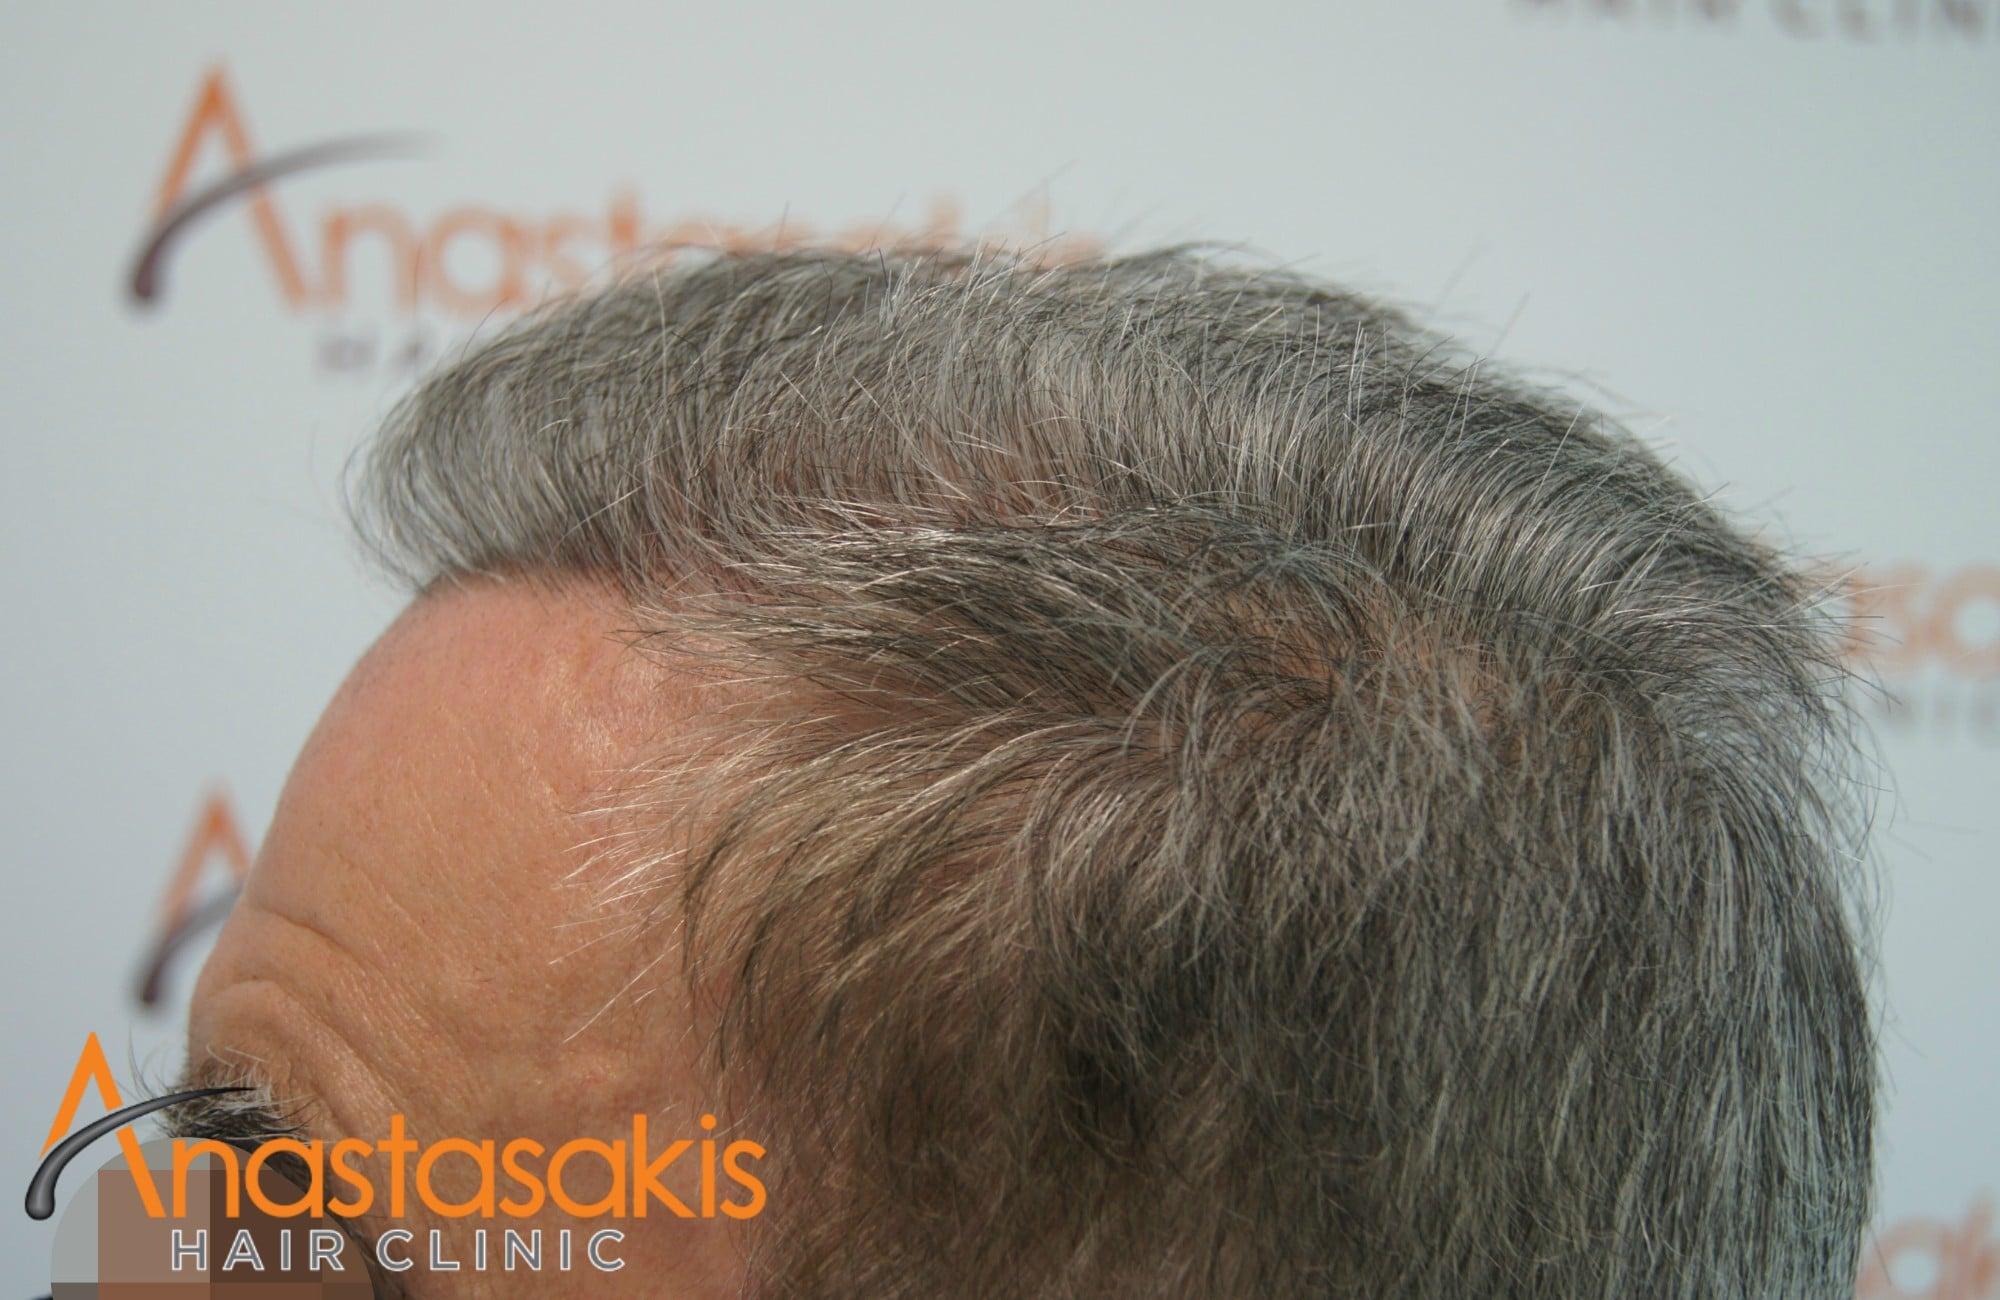 δεξι προφιλ ασθενους μετα τη μεταμοσχευση μαλλιων με 3650 fus